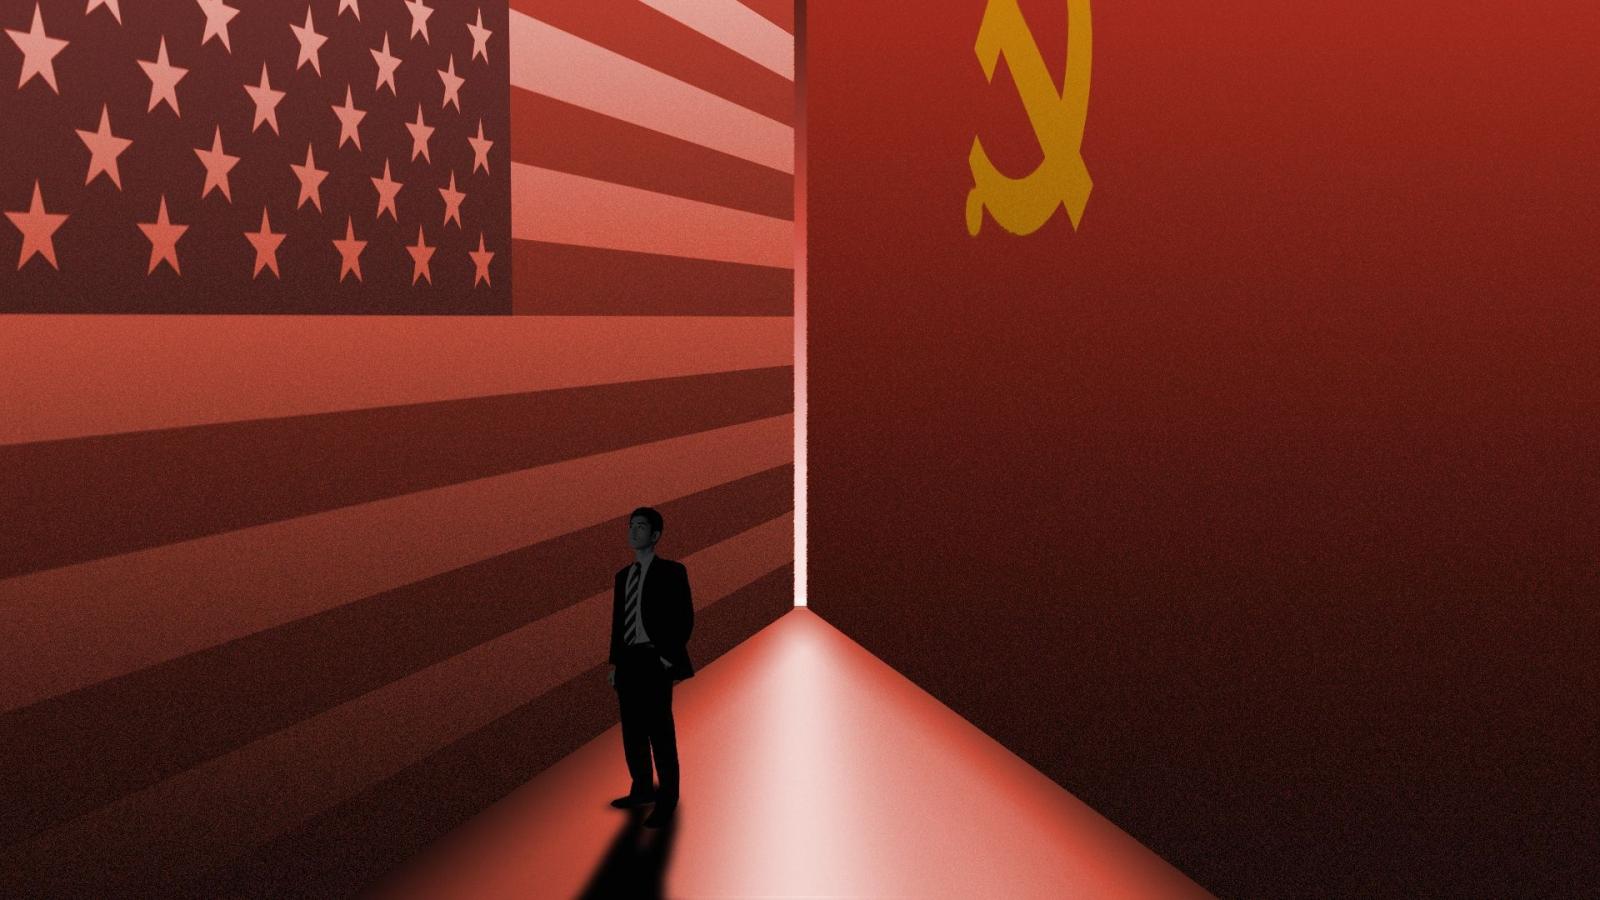 Trung Quốc tố Mỹ khám xét các đảng viên nước này khi tới Mỹ